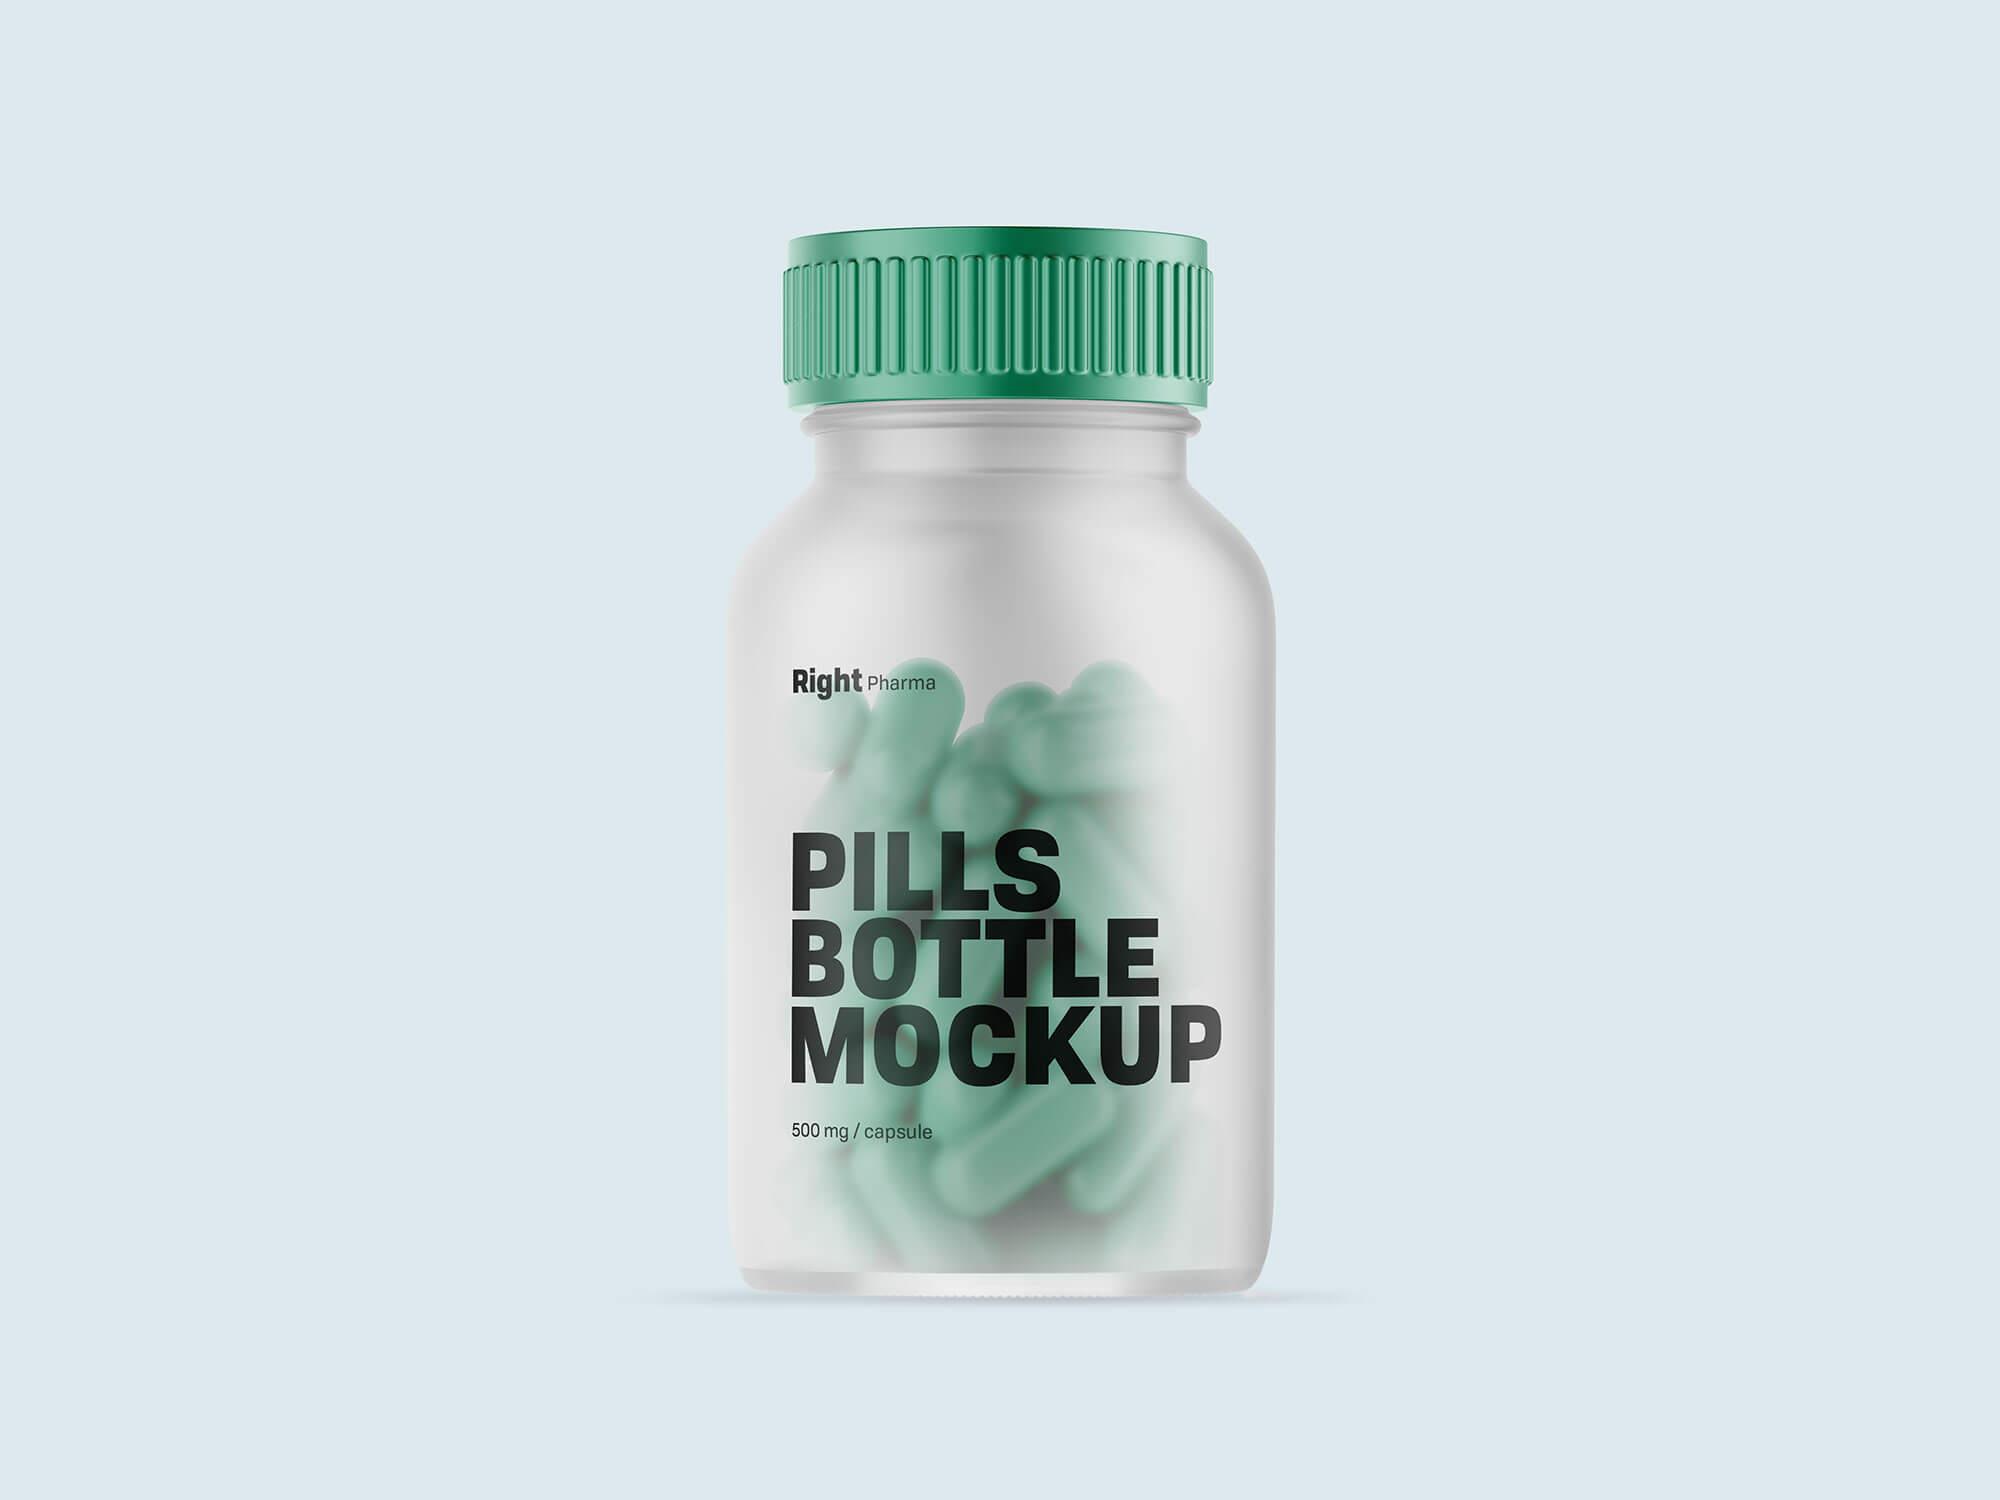 Pills-Bottle-Mockup-PSD